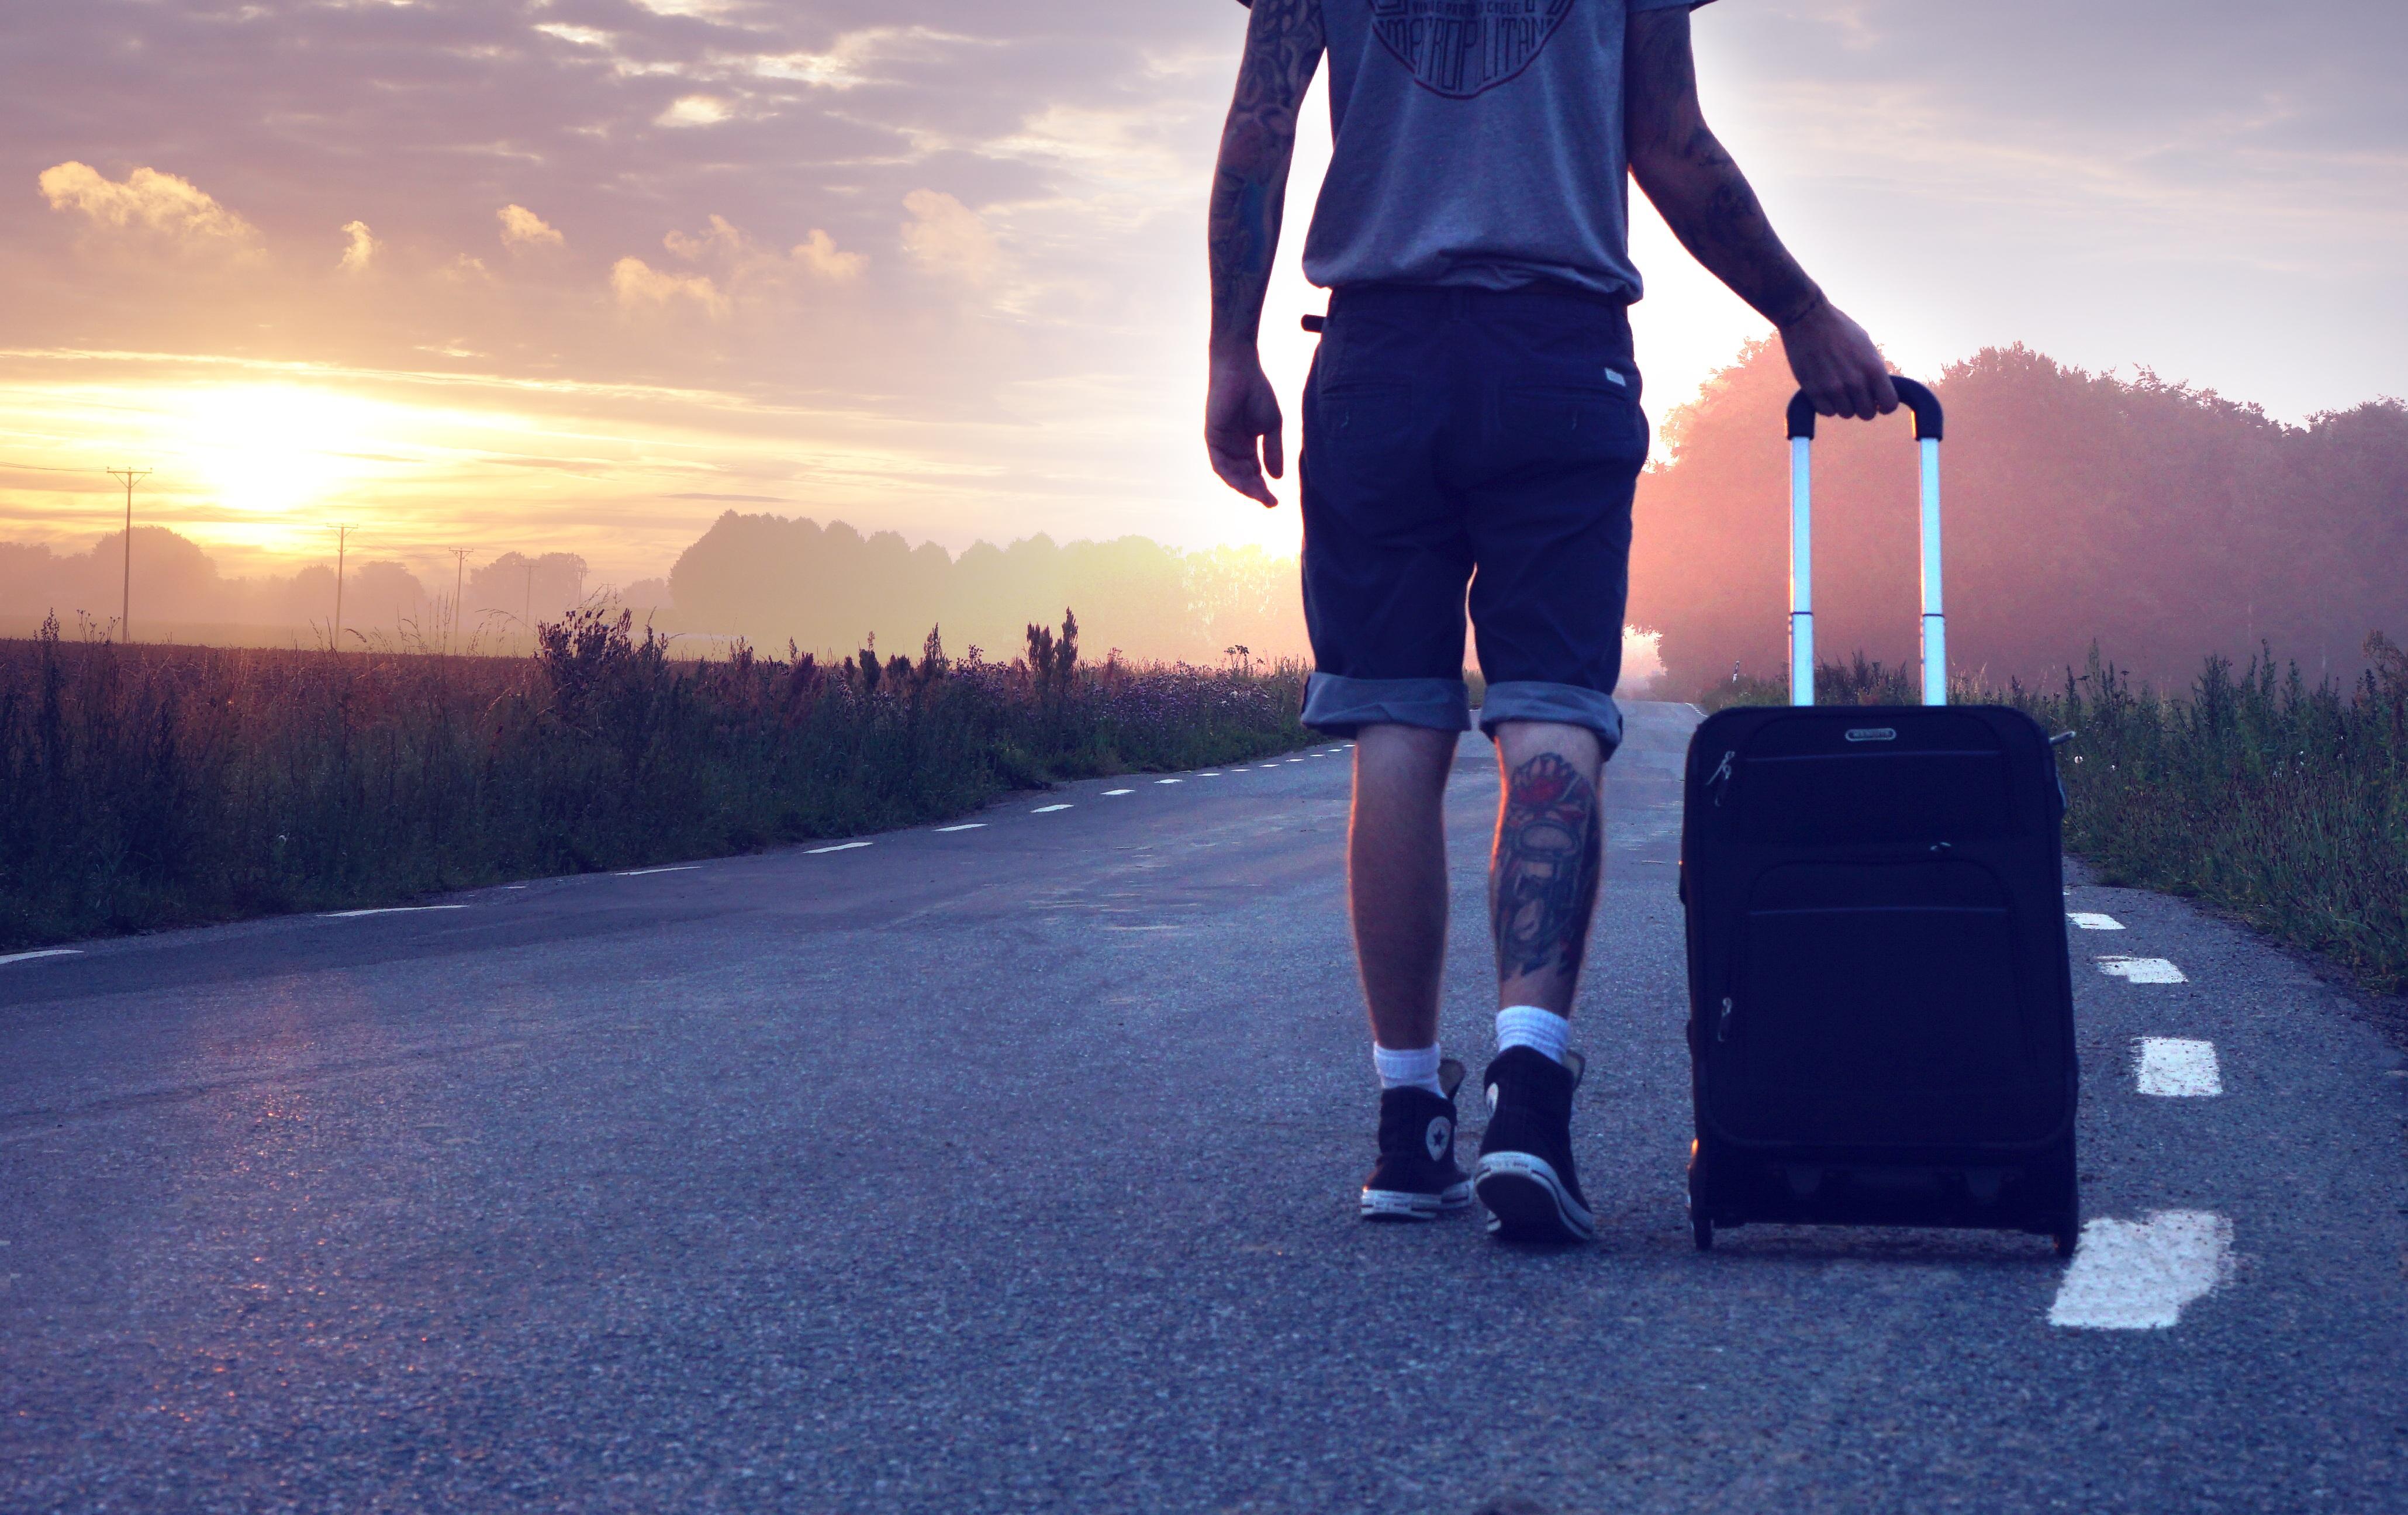 Voyage solo, et si vous tentez l'aventure ?